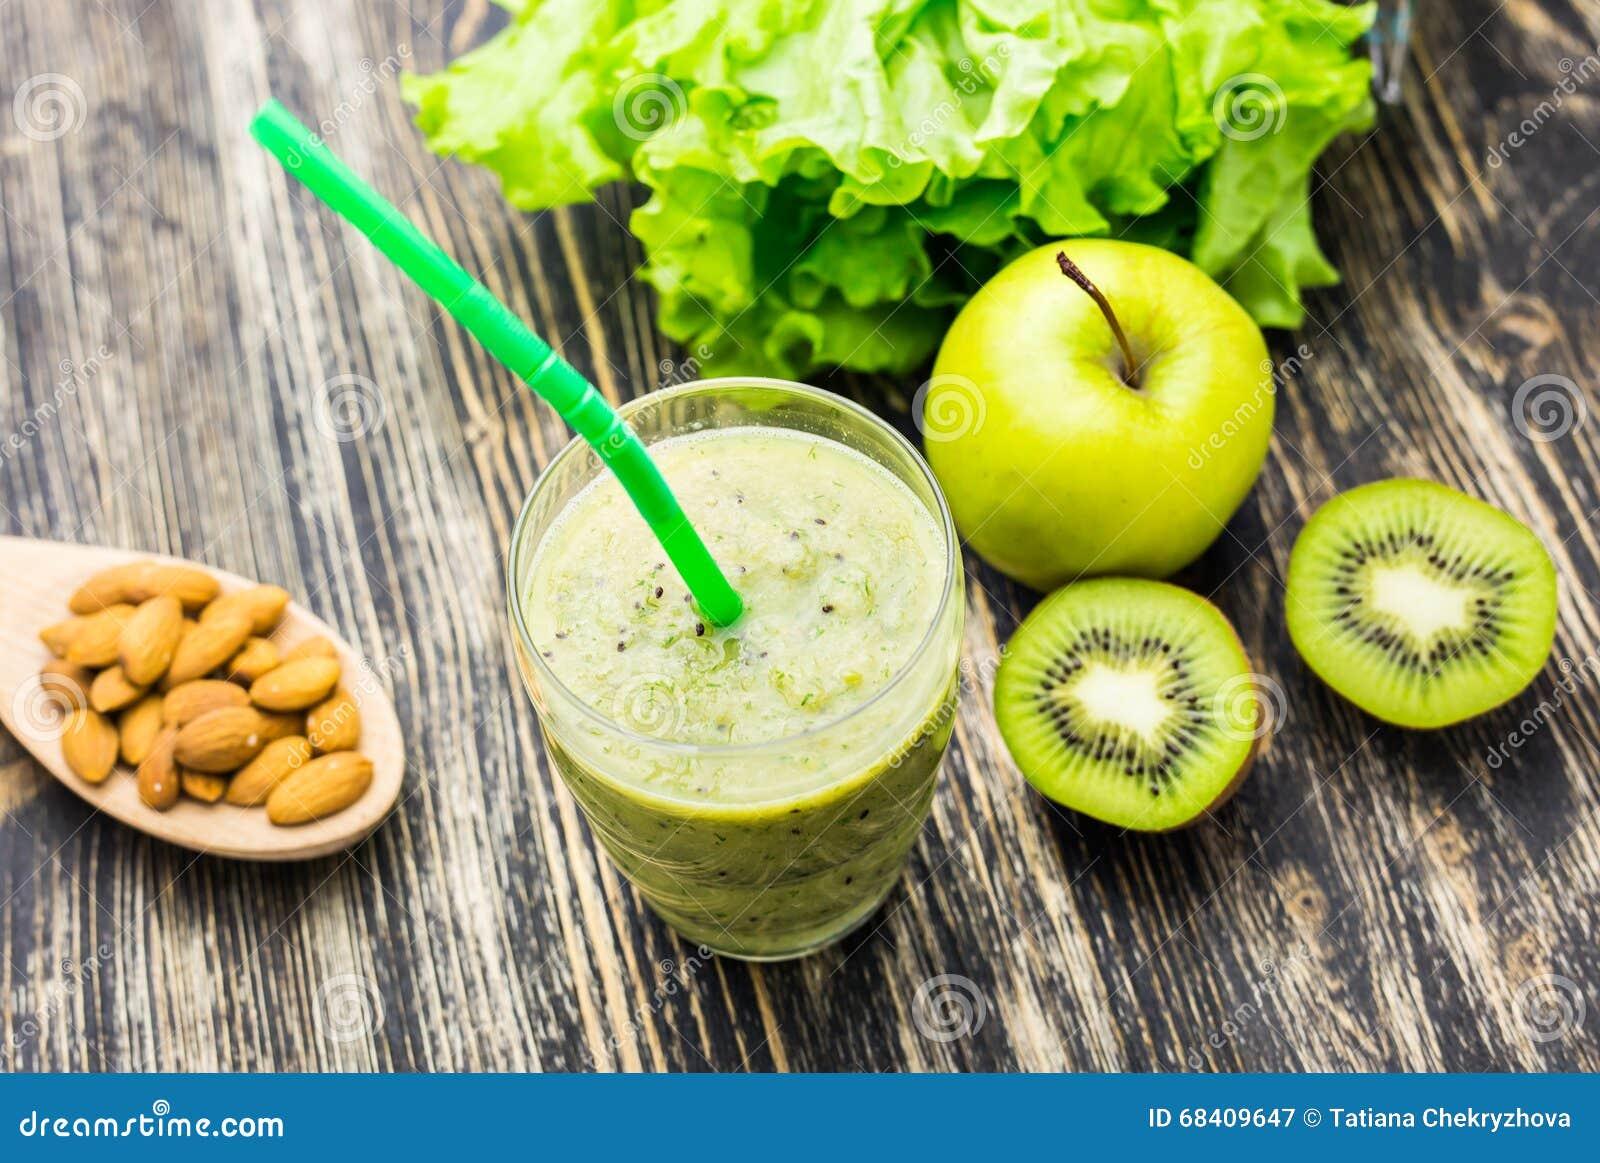 Gezonde groene smoothie met kiwi en appelen op houten achtergrond